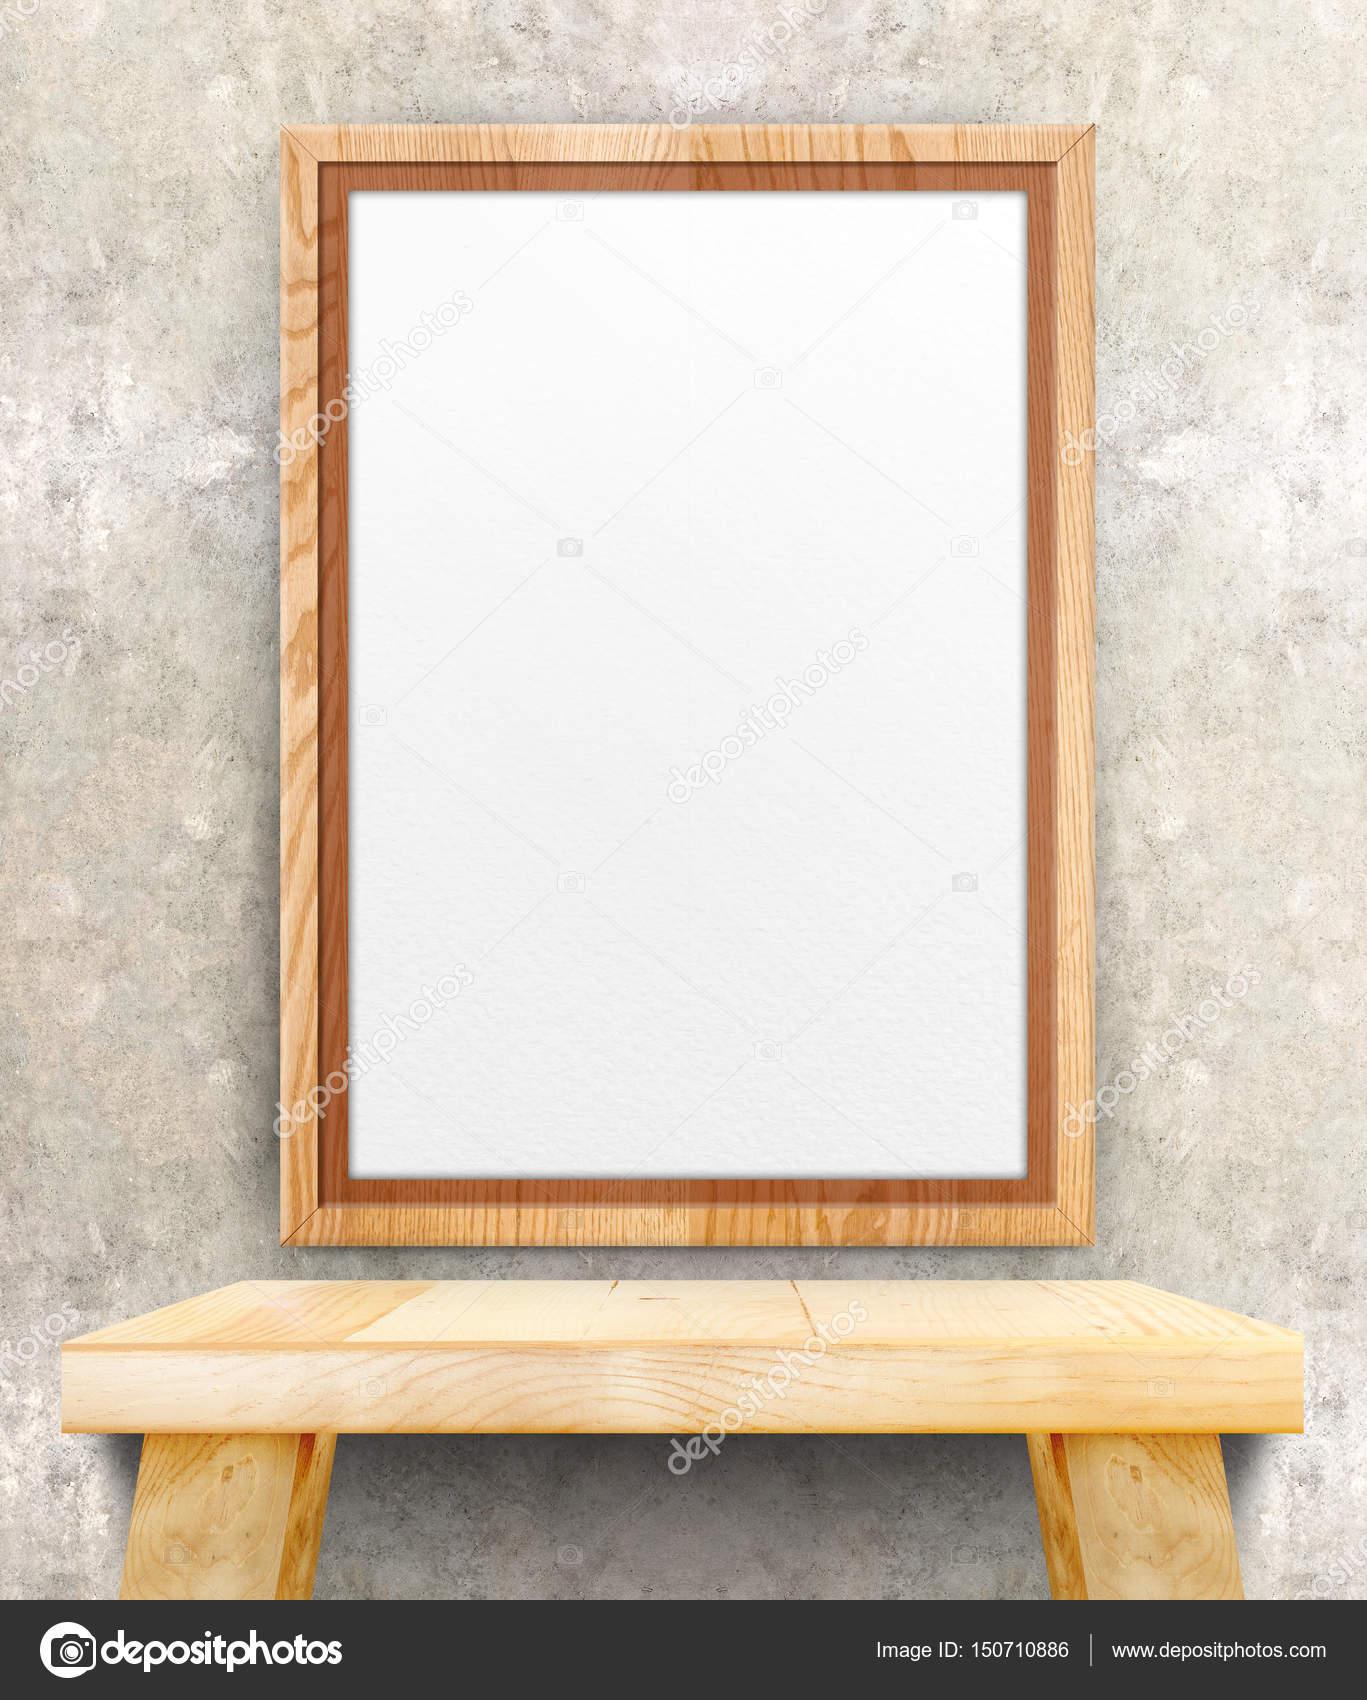 Marco de madera en blanco de la foto colgada en el muro de hormigón ...